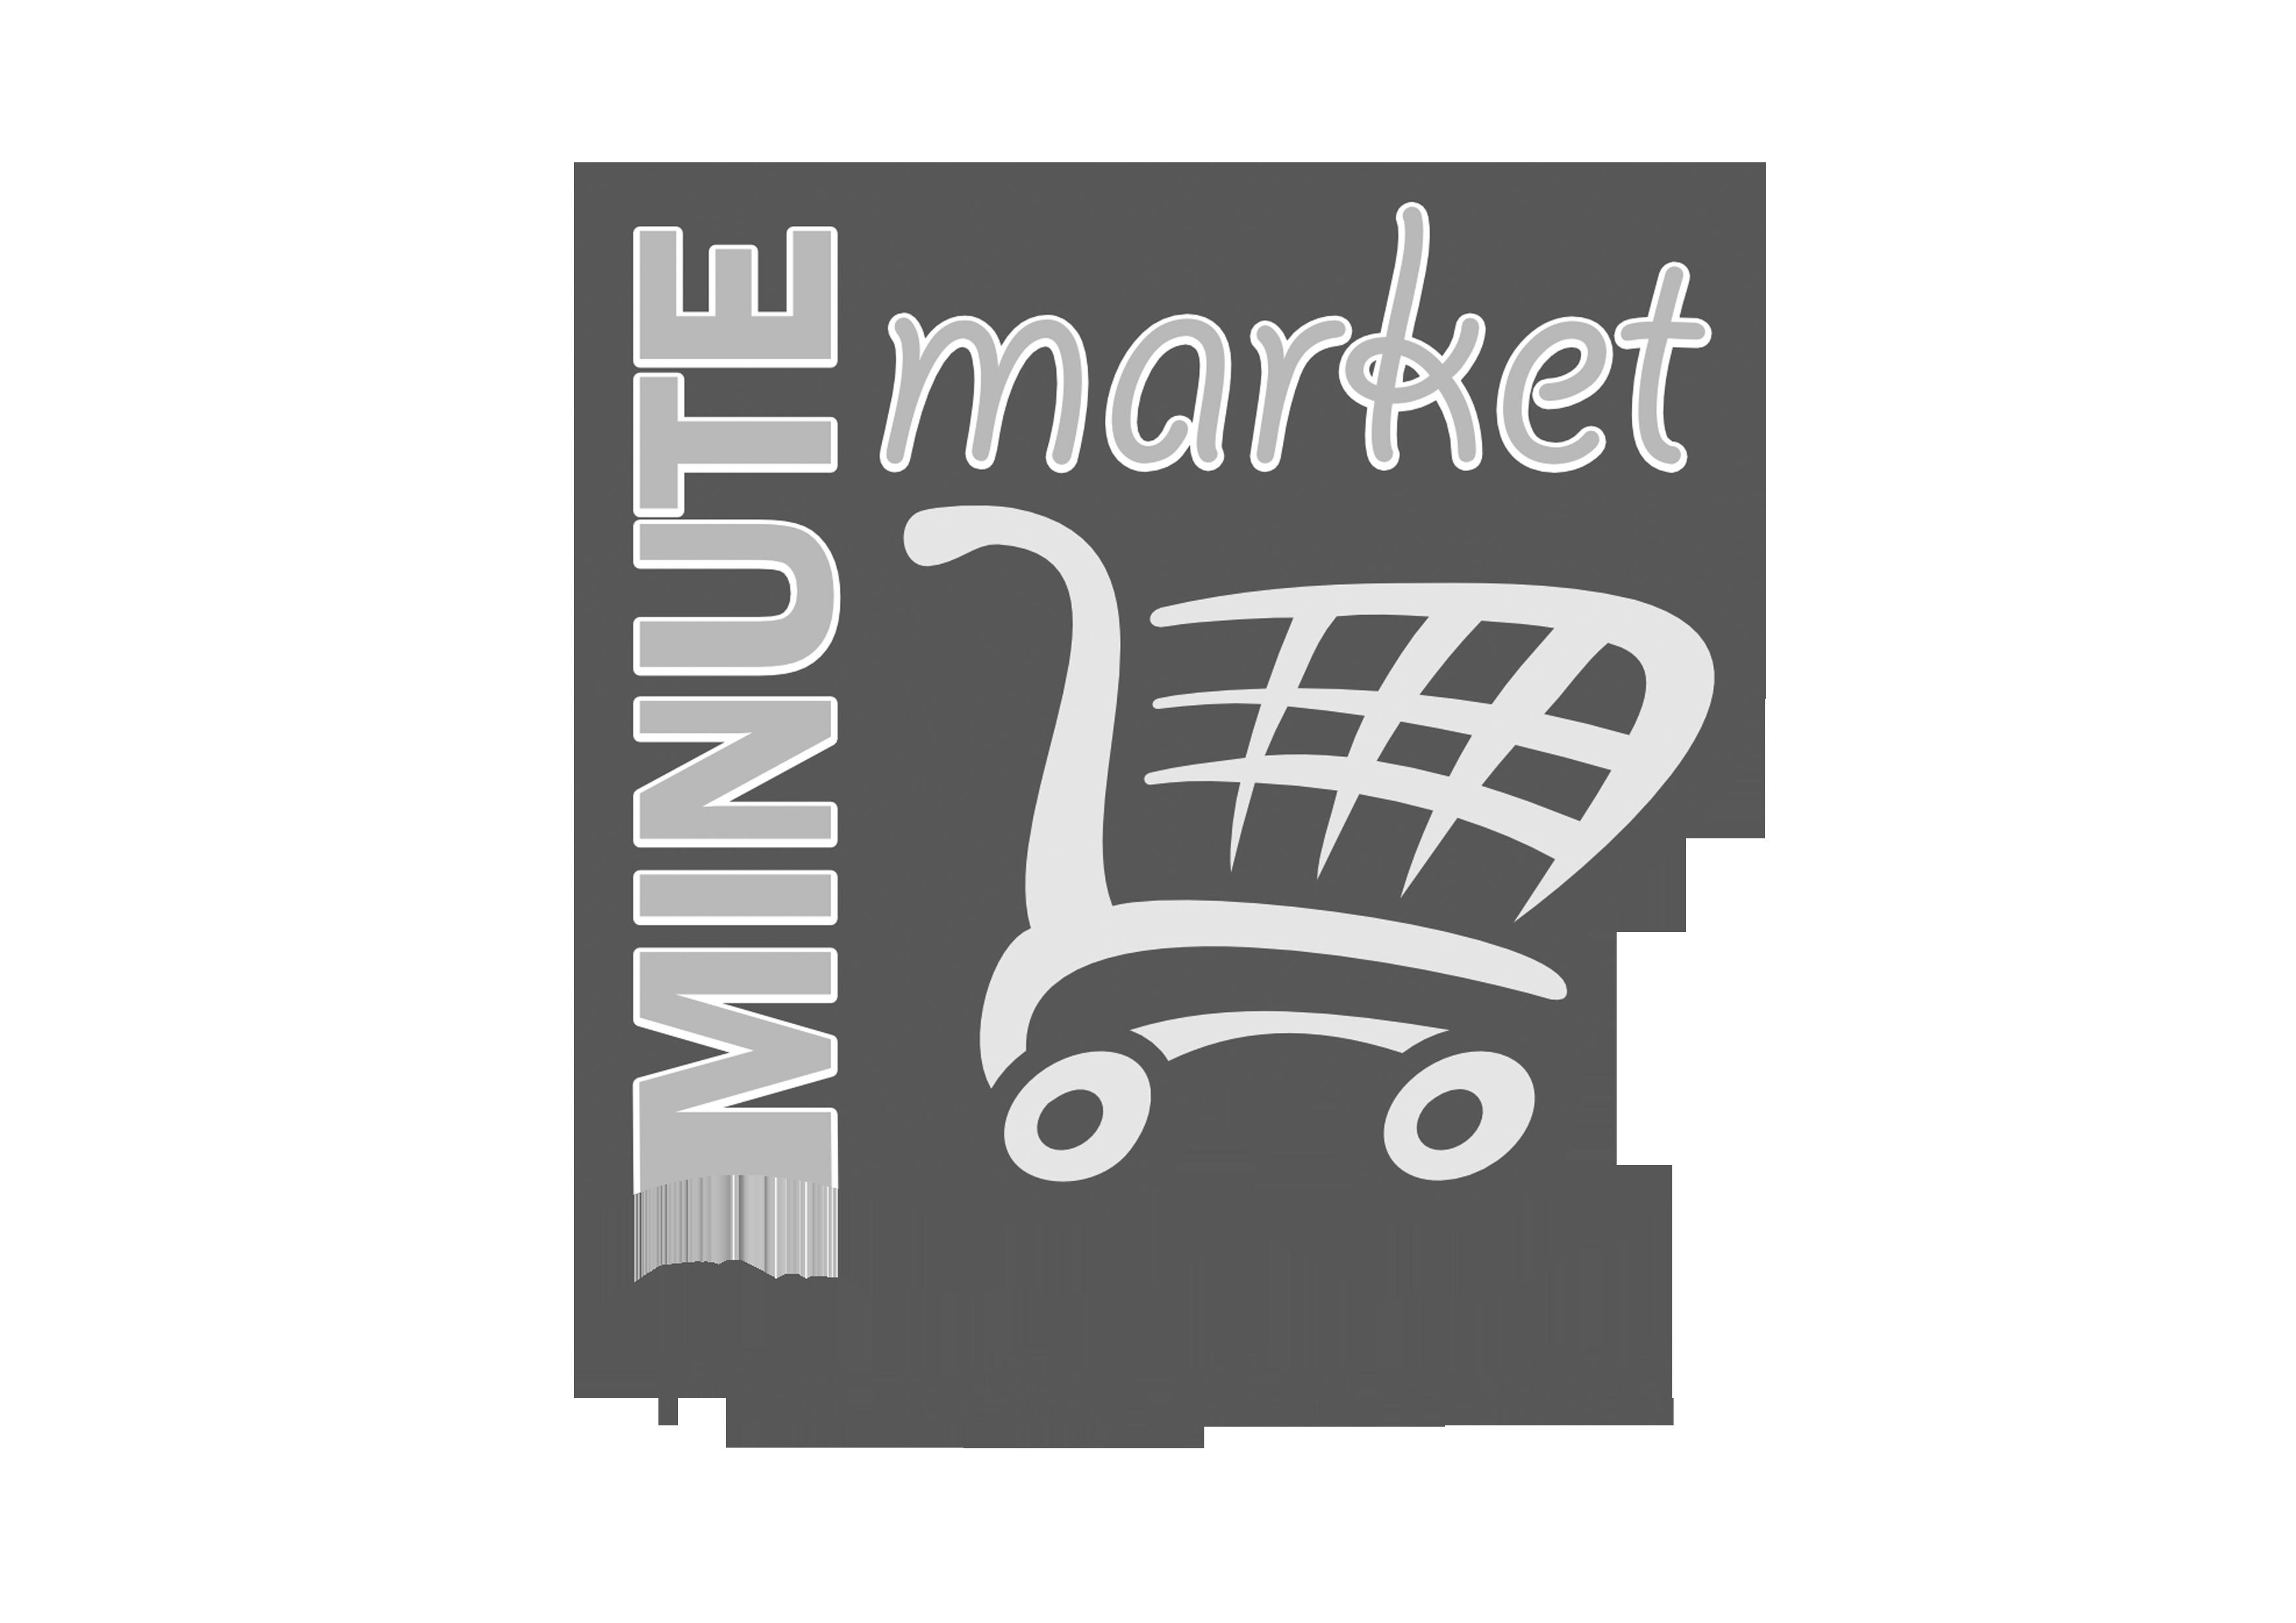 minutemarket